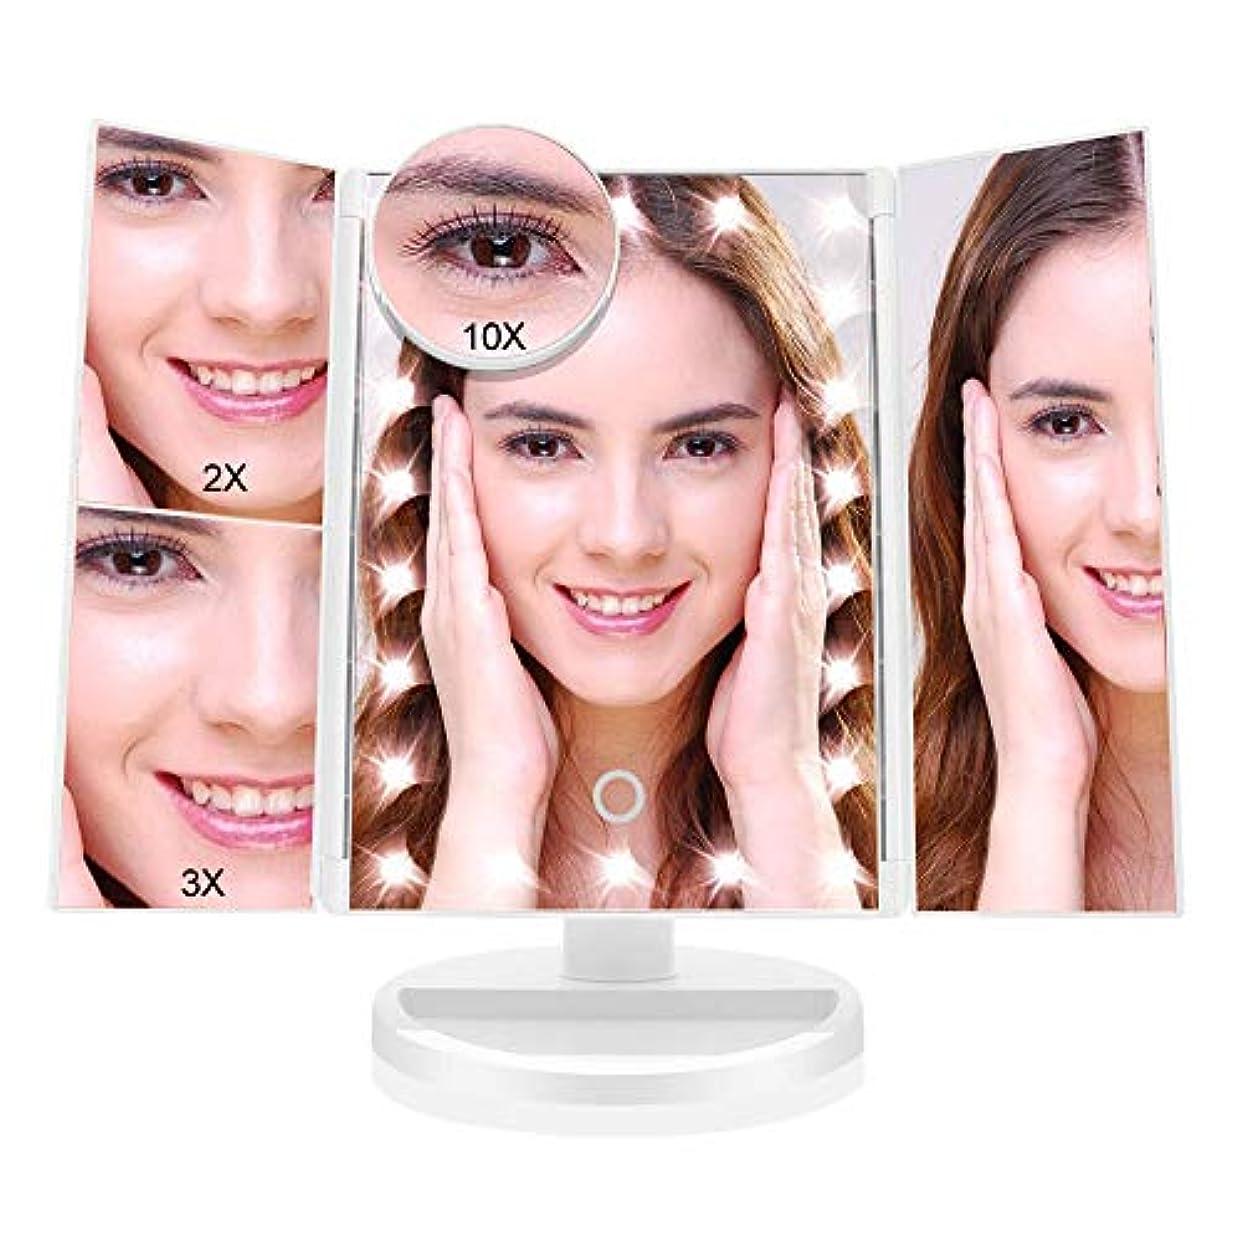 呪い銀河資本主義化粧鏡 化粧ミラー 鏡 三面鏡 女優 卓上 21個LED付き 拡大鏡 2X 3X 10X 倍 明るさ調節可能 180°回転 電池&USB2WAY給電 収納便利